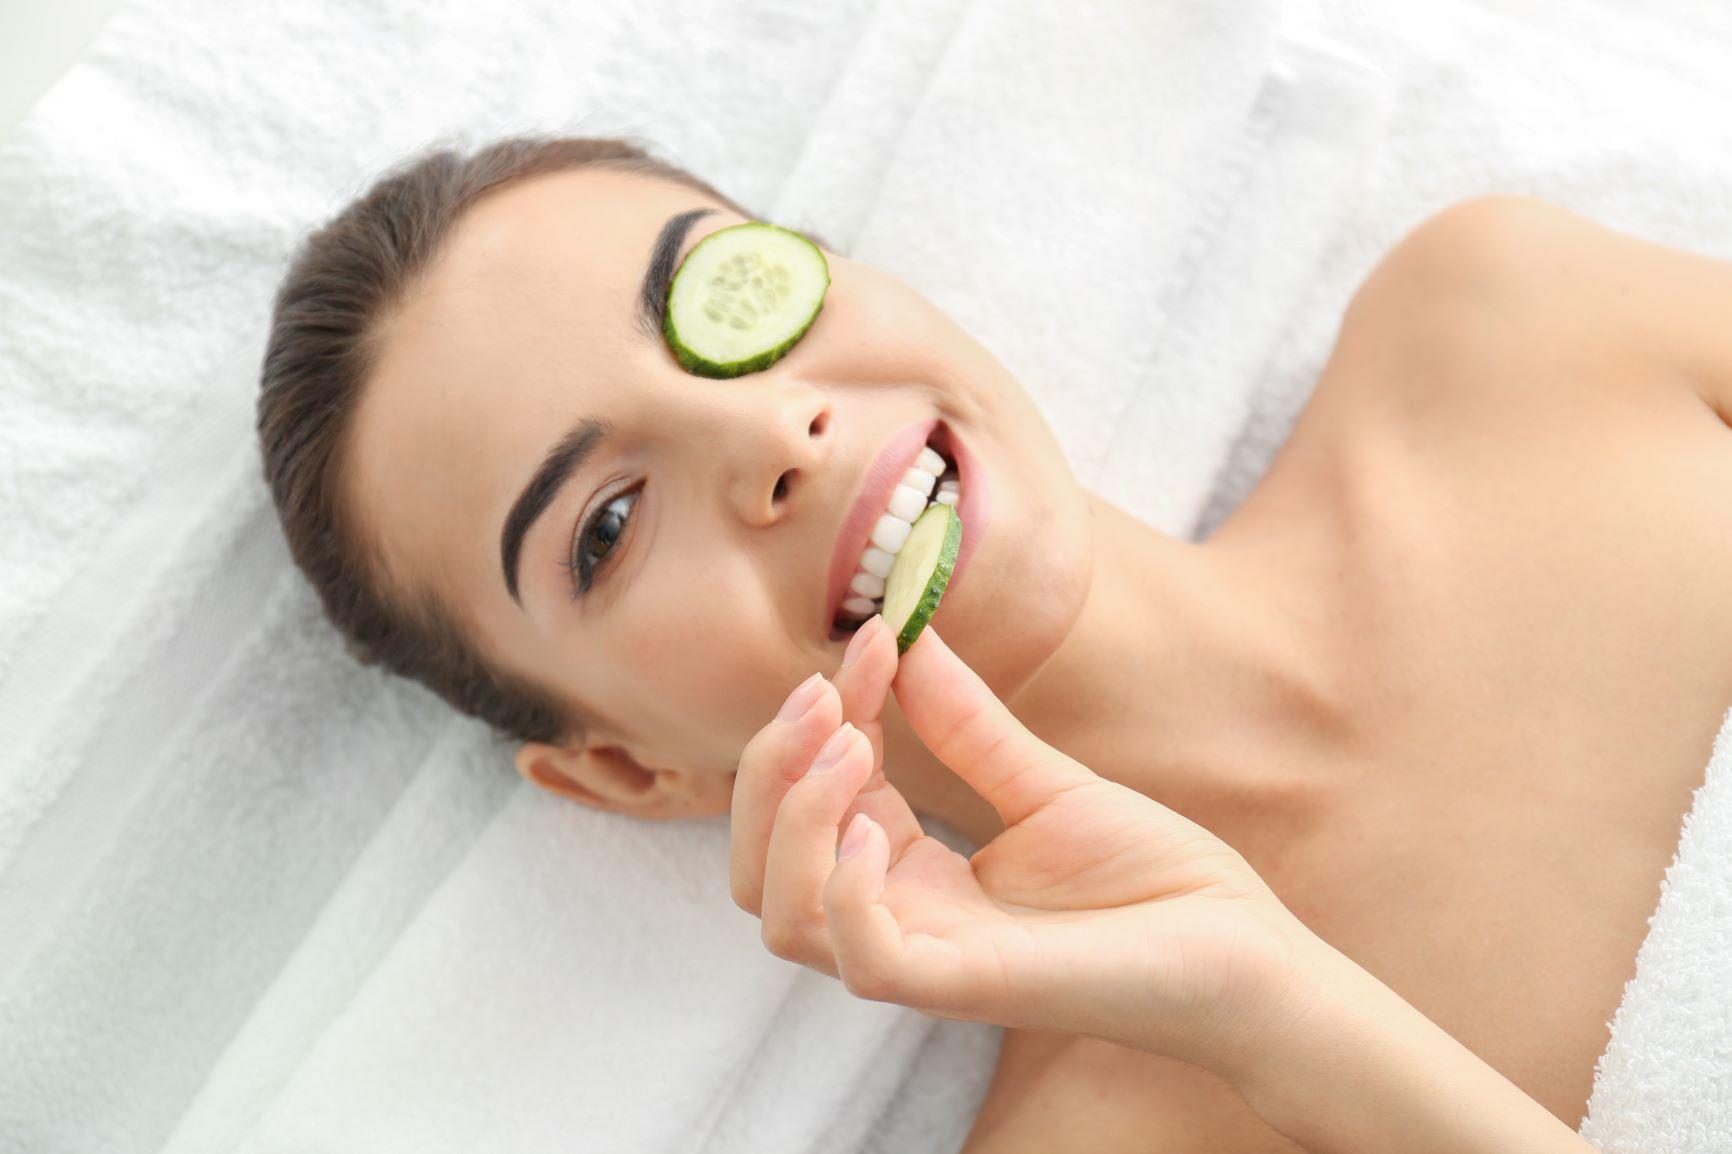 kosmetyki z ogórka do pielęgnacji twarzy